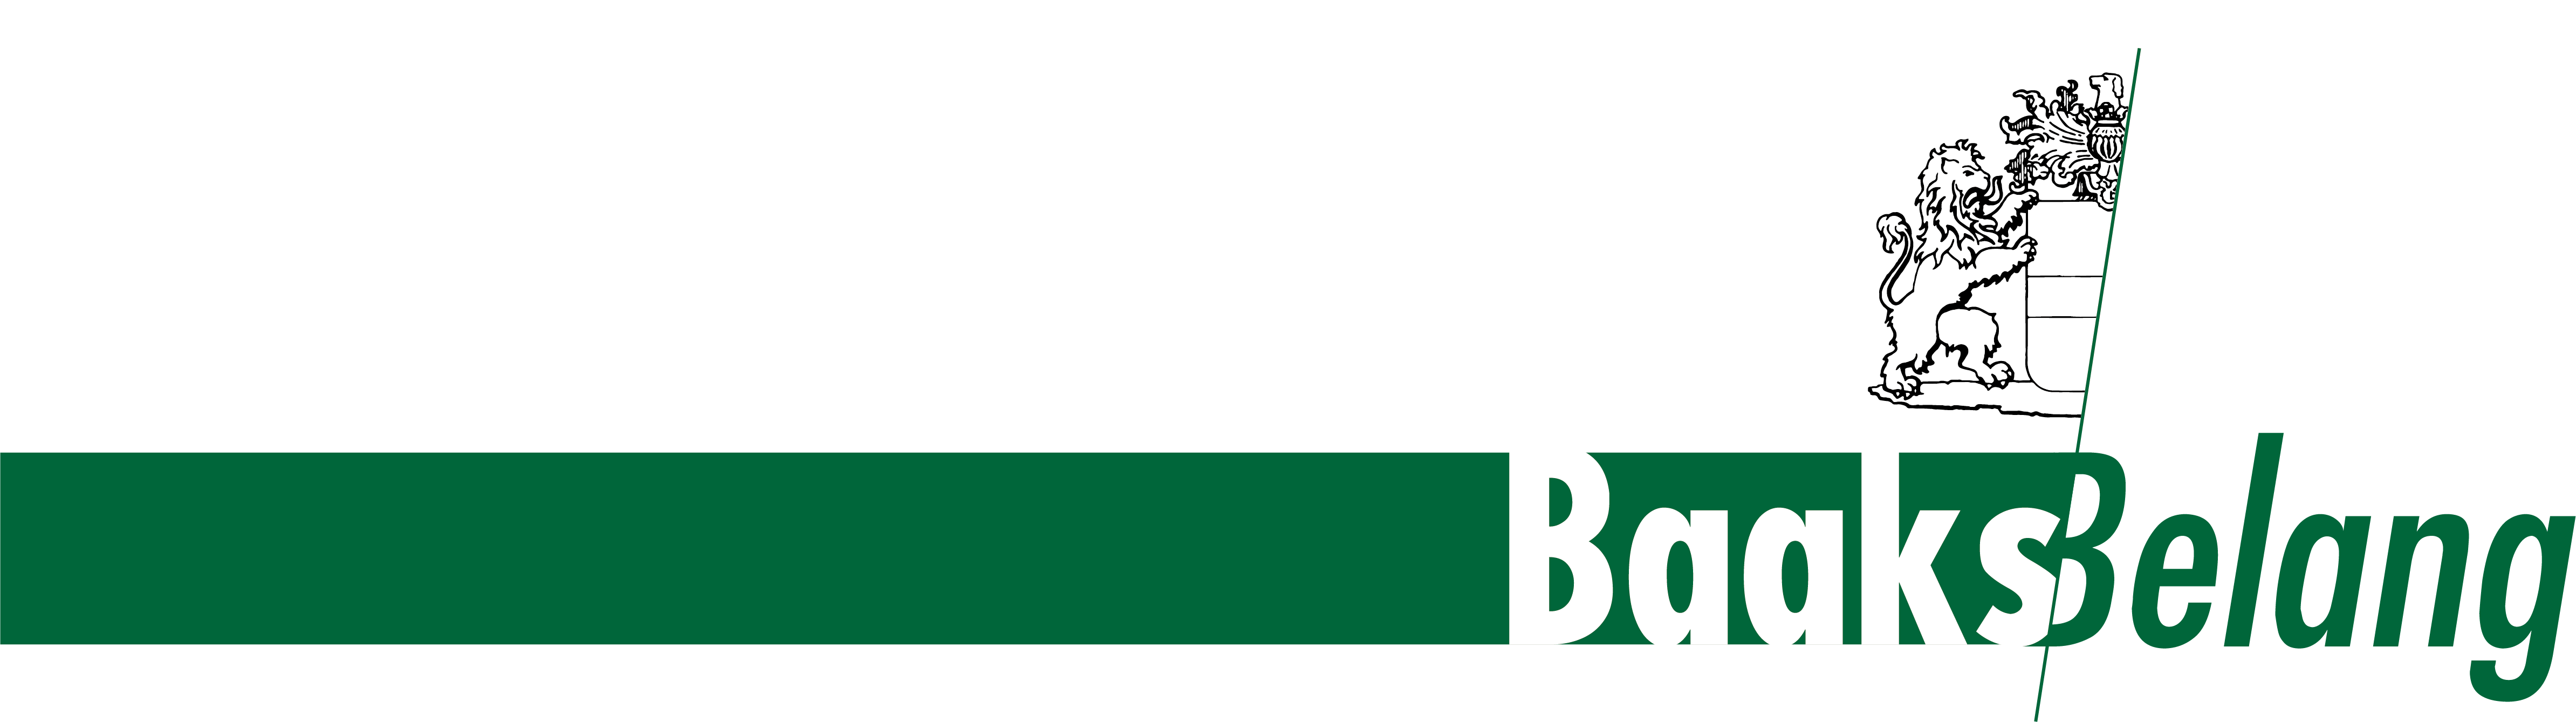 Logo BaaksBelang